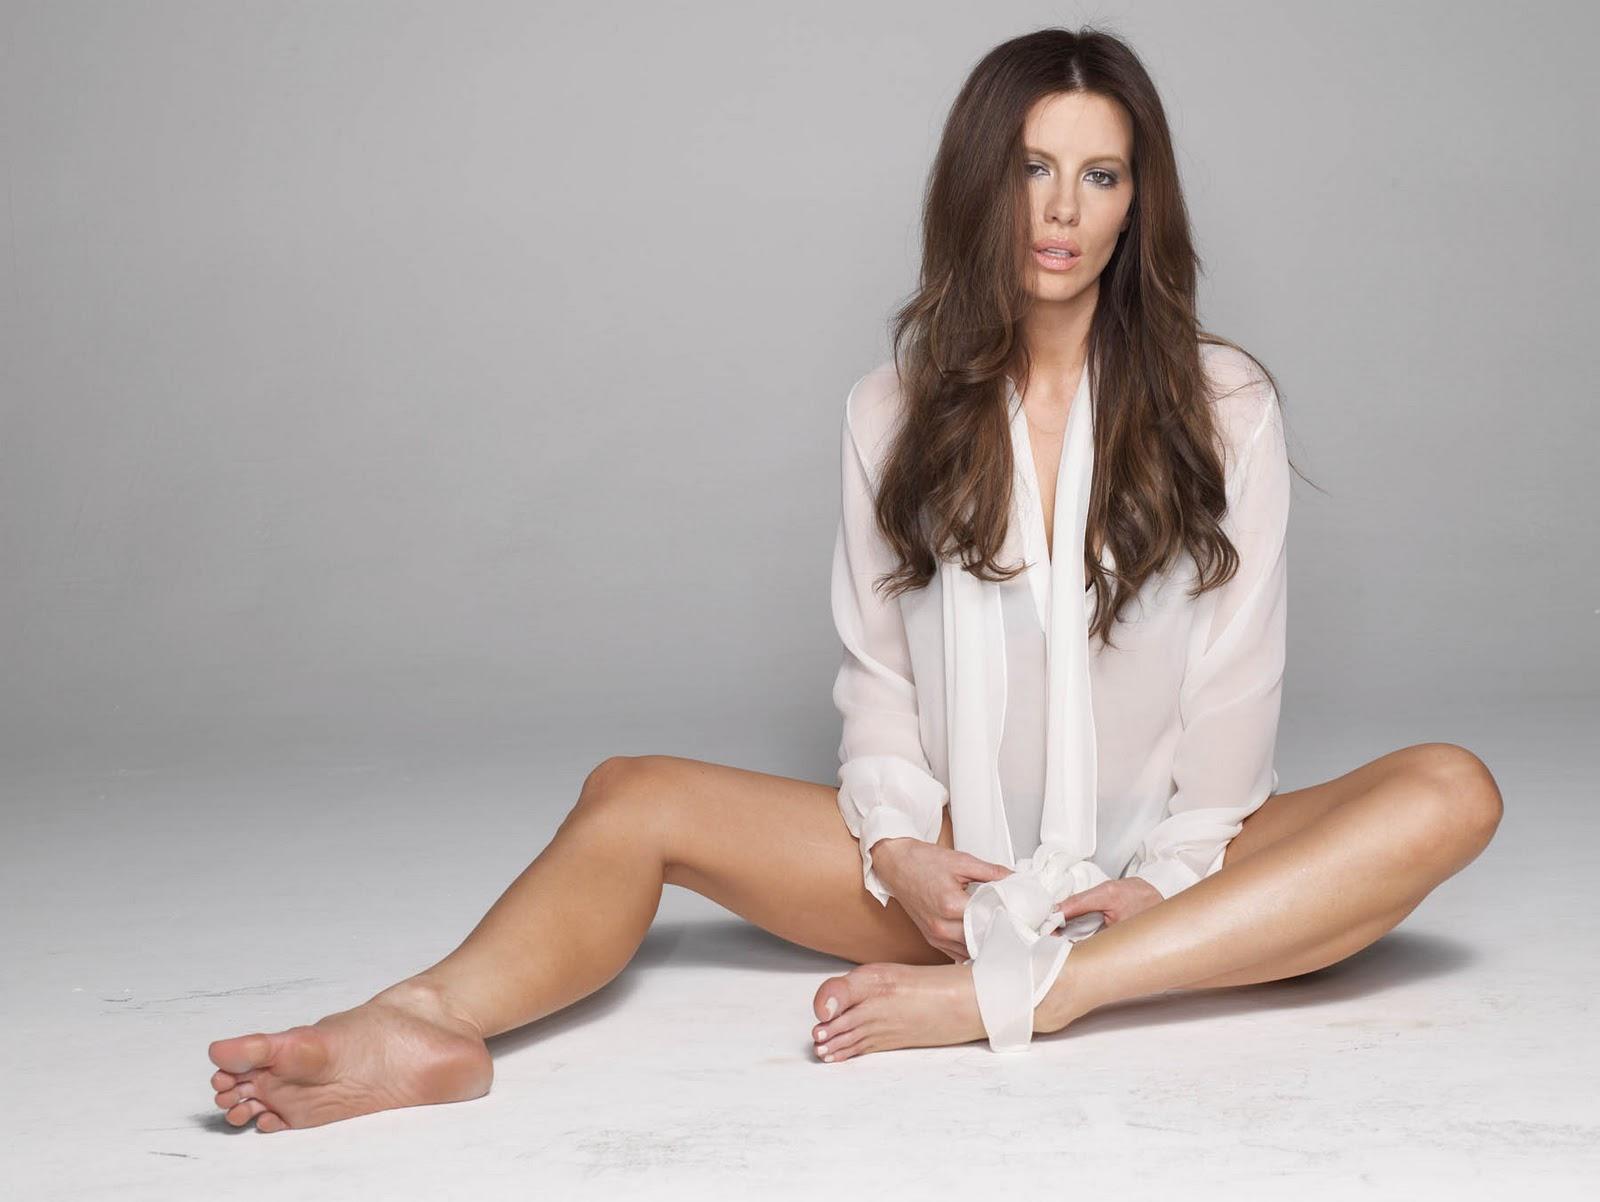 palicki nude feet Adrianne